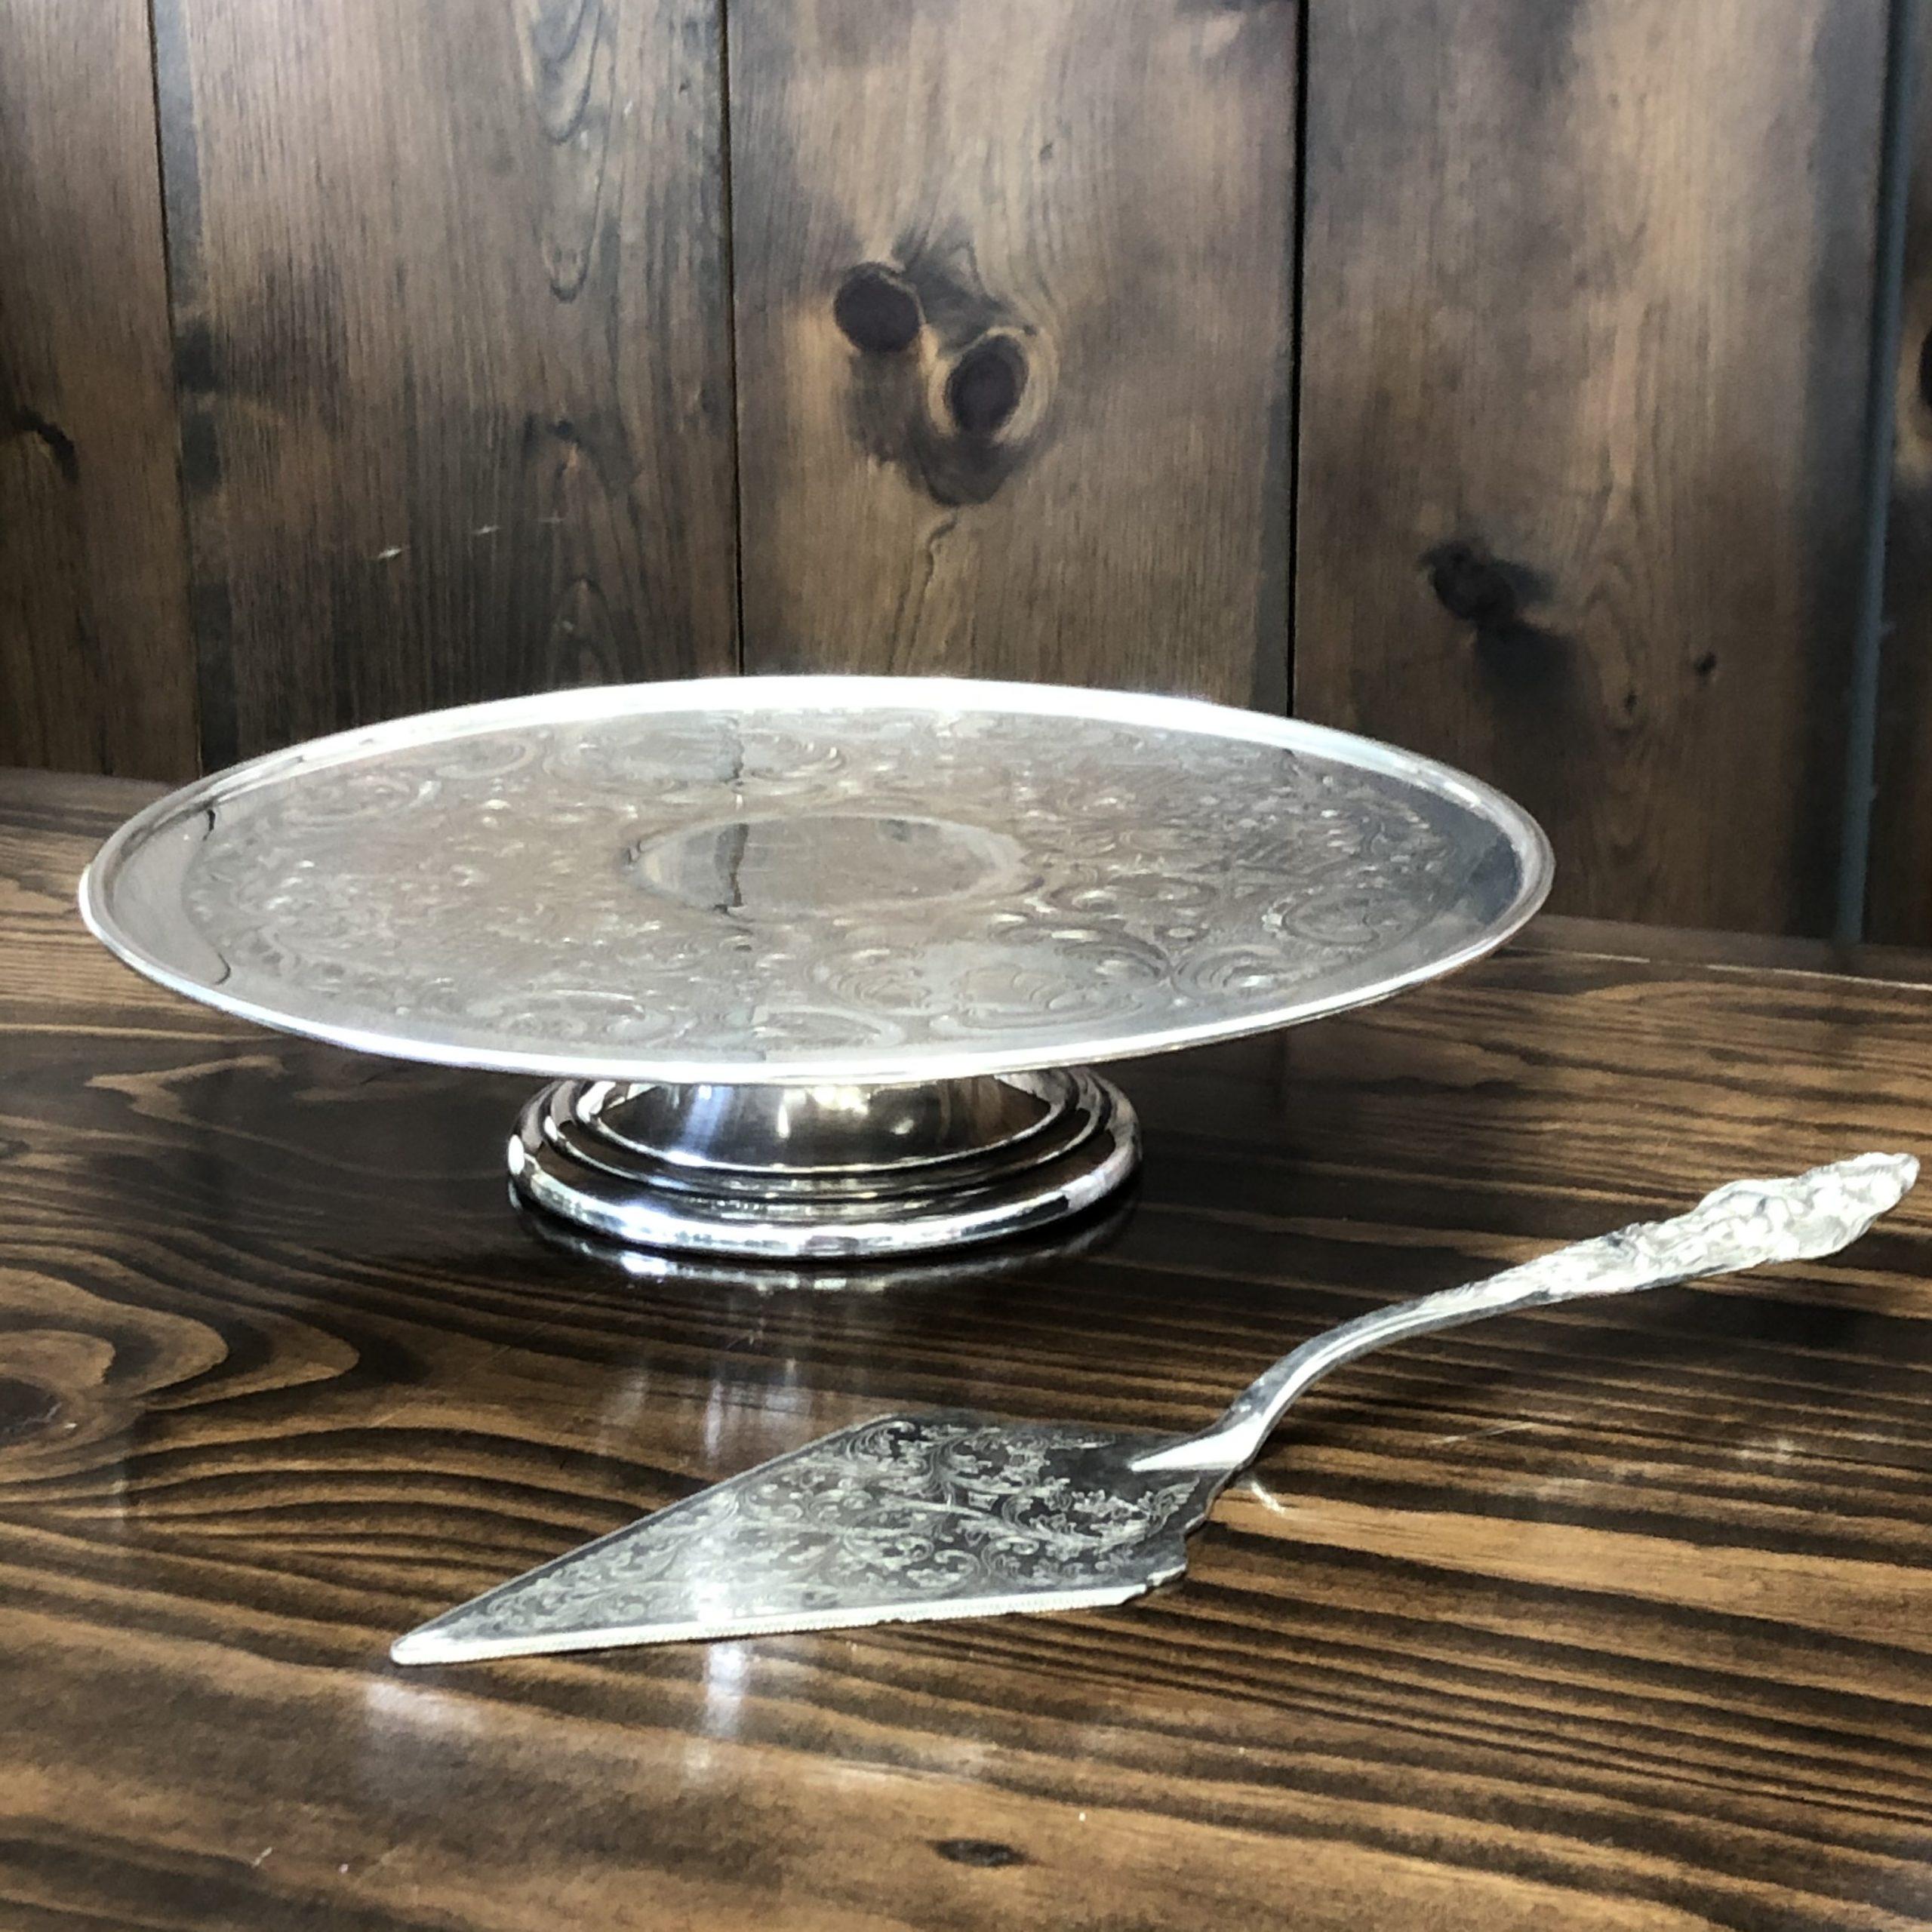 Cake Plate & Server Image